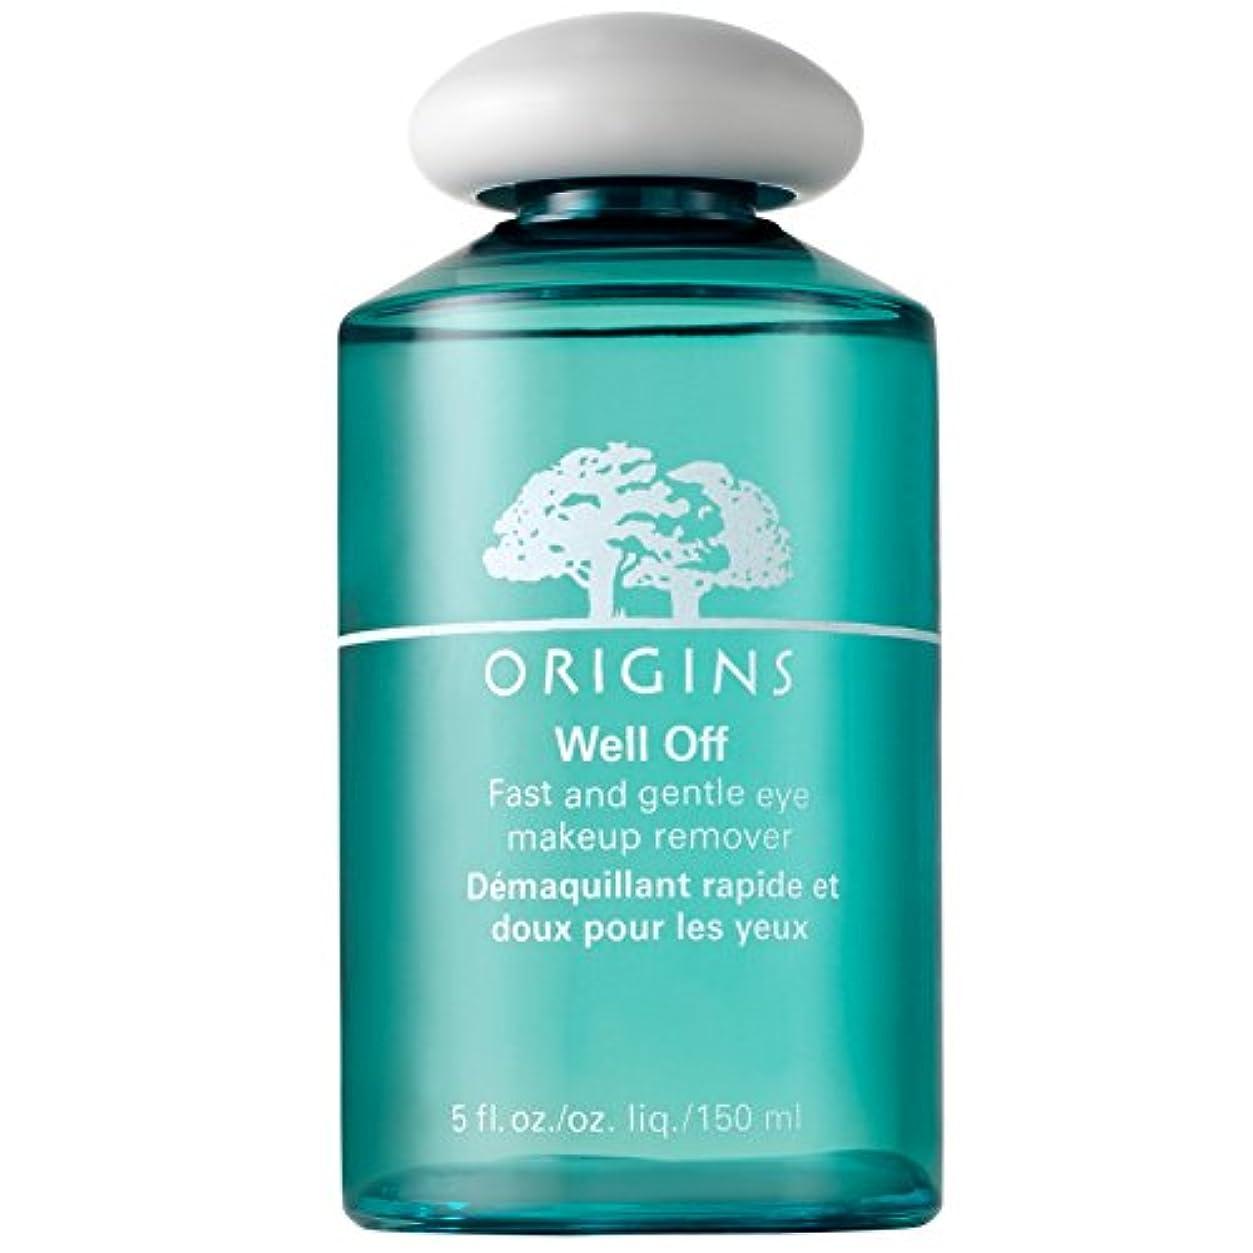 トライアスロン橋機密よく迅速かつ穏やかなアイメイクリムーバー150ミリリットルOff?起源 (Origins) (x2) - Origins Well Off? Fast And Gentle Eye Makeup Remover 150ml...